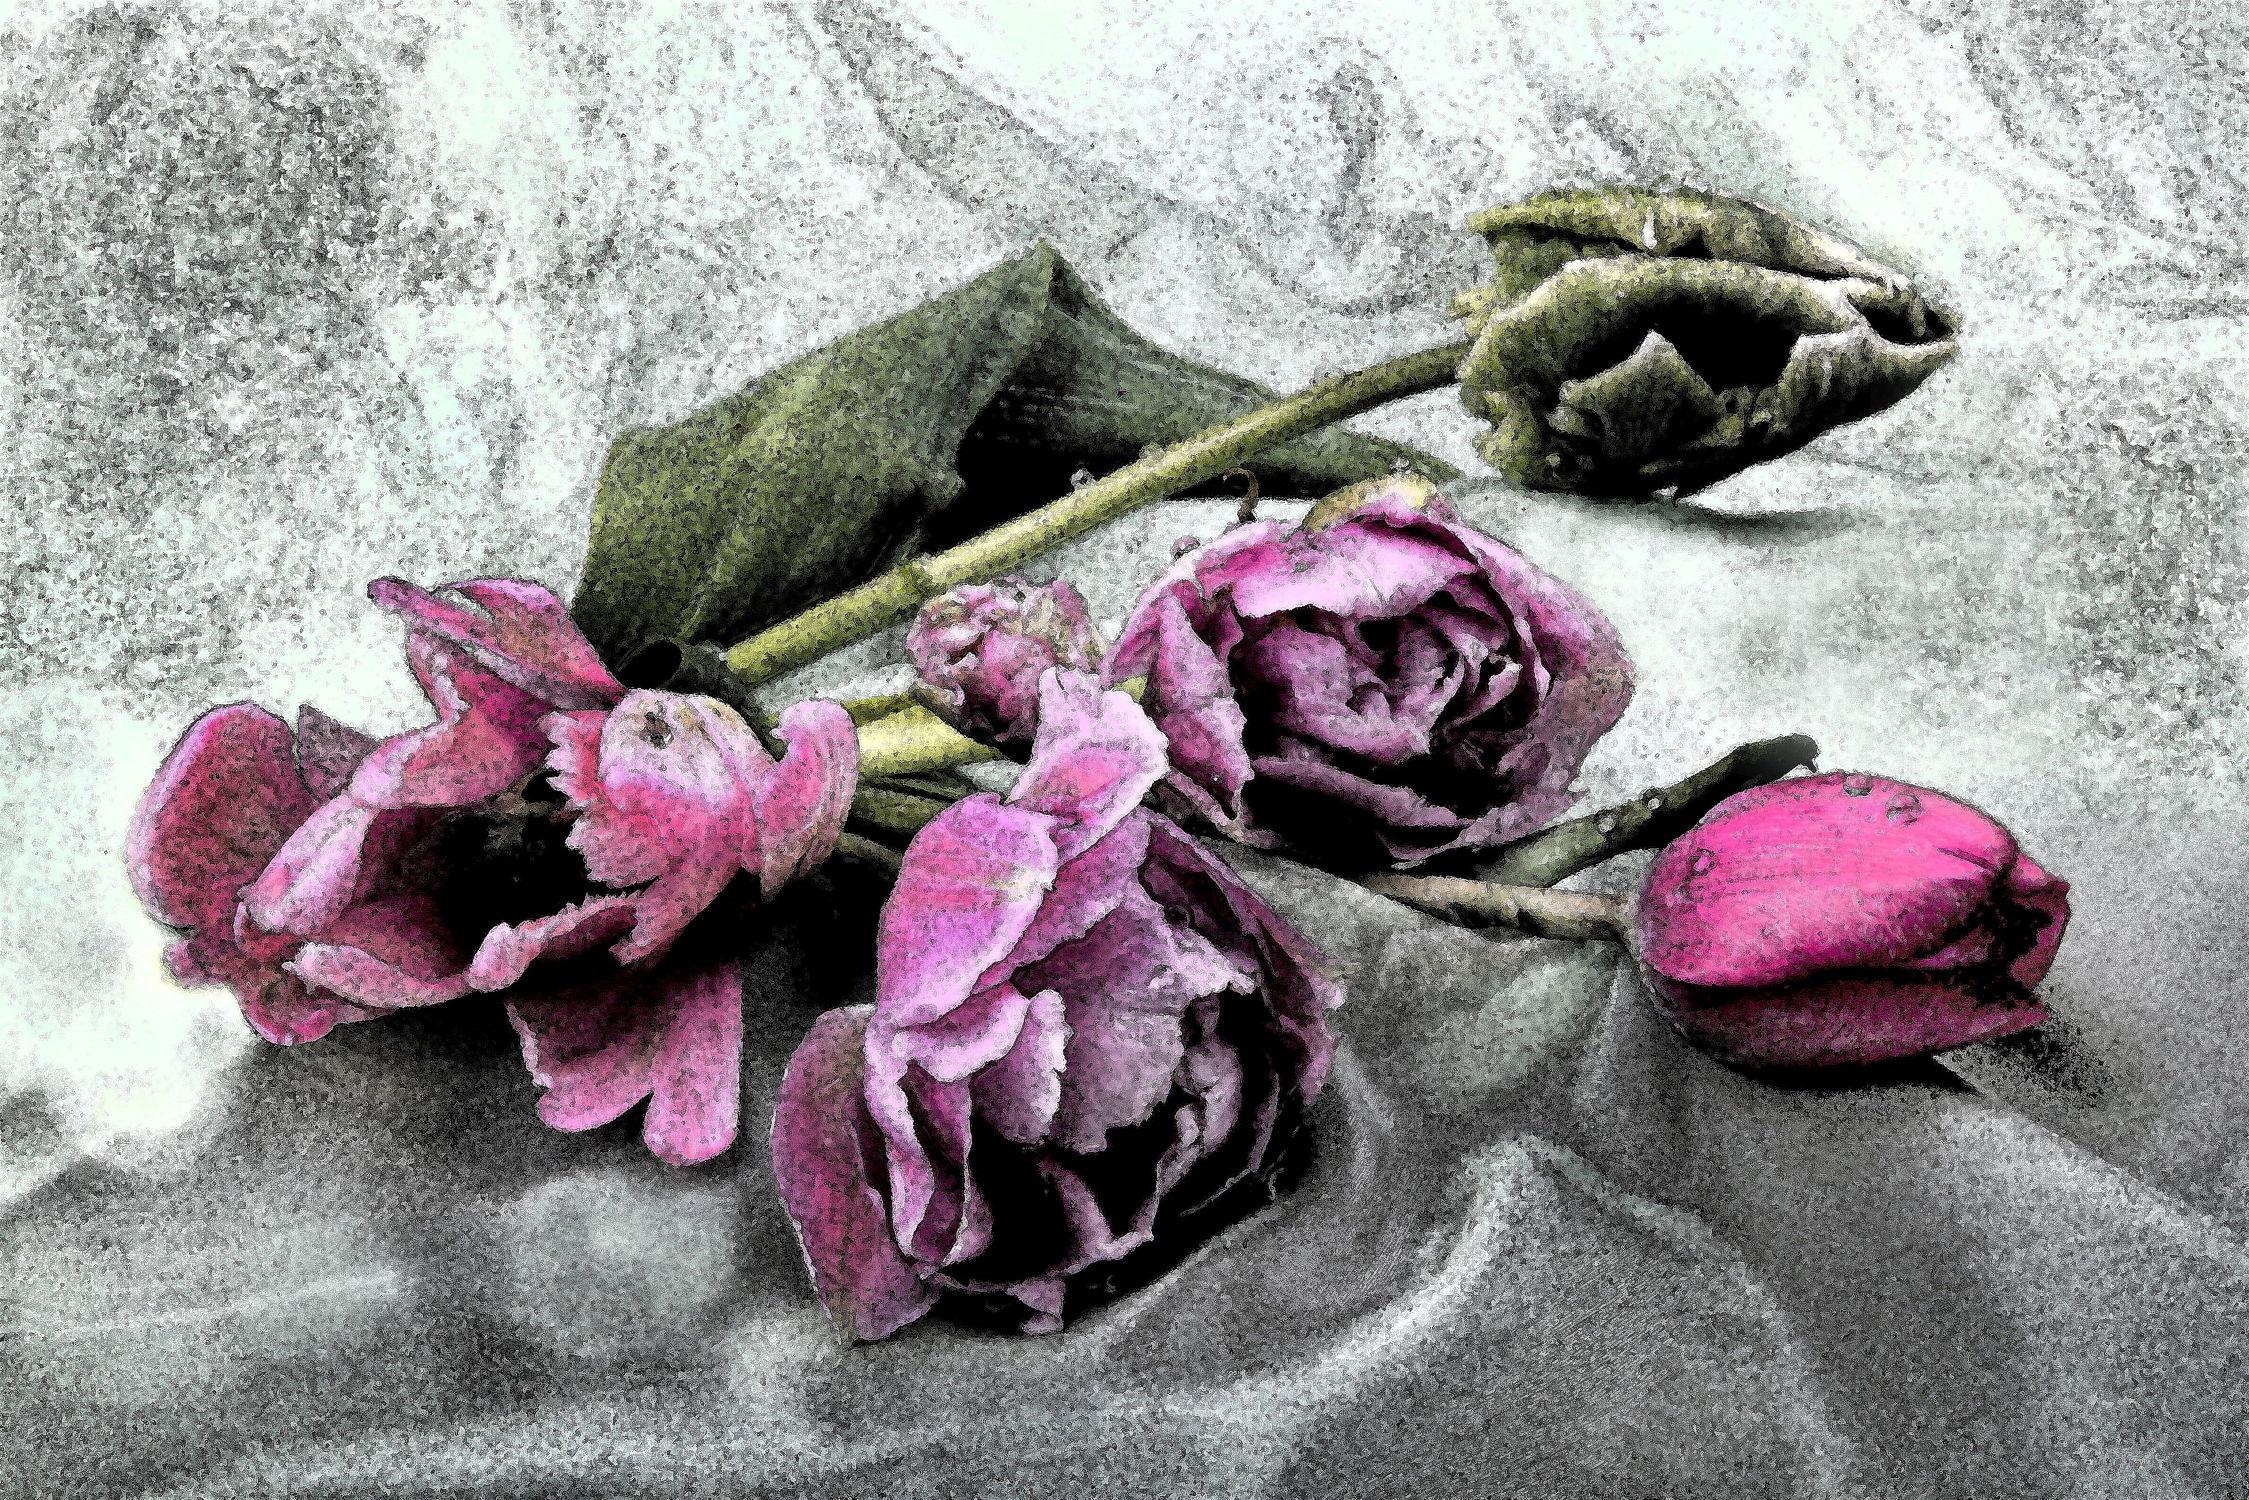 Bild mit Pflanzen, Blumen, Blume, Pflanze, Tulpe, Tulpen, Floral, Stilleben, Blüten, Florales, blüte, fresco